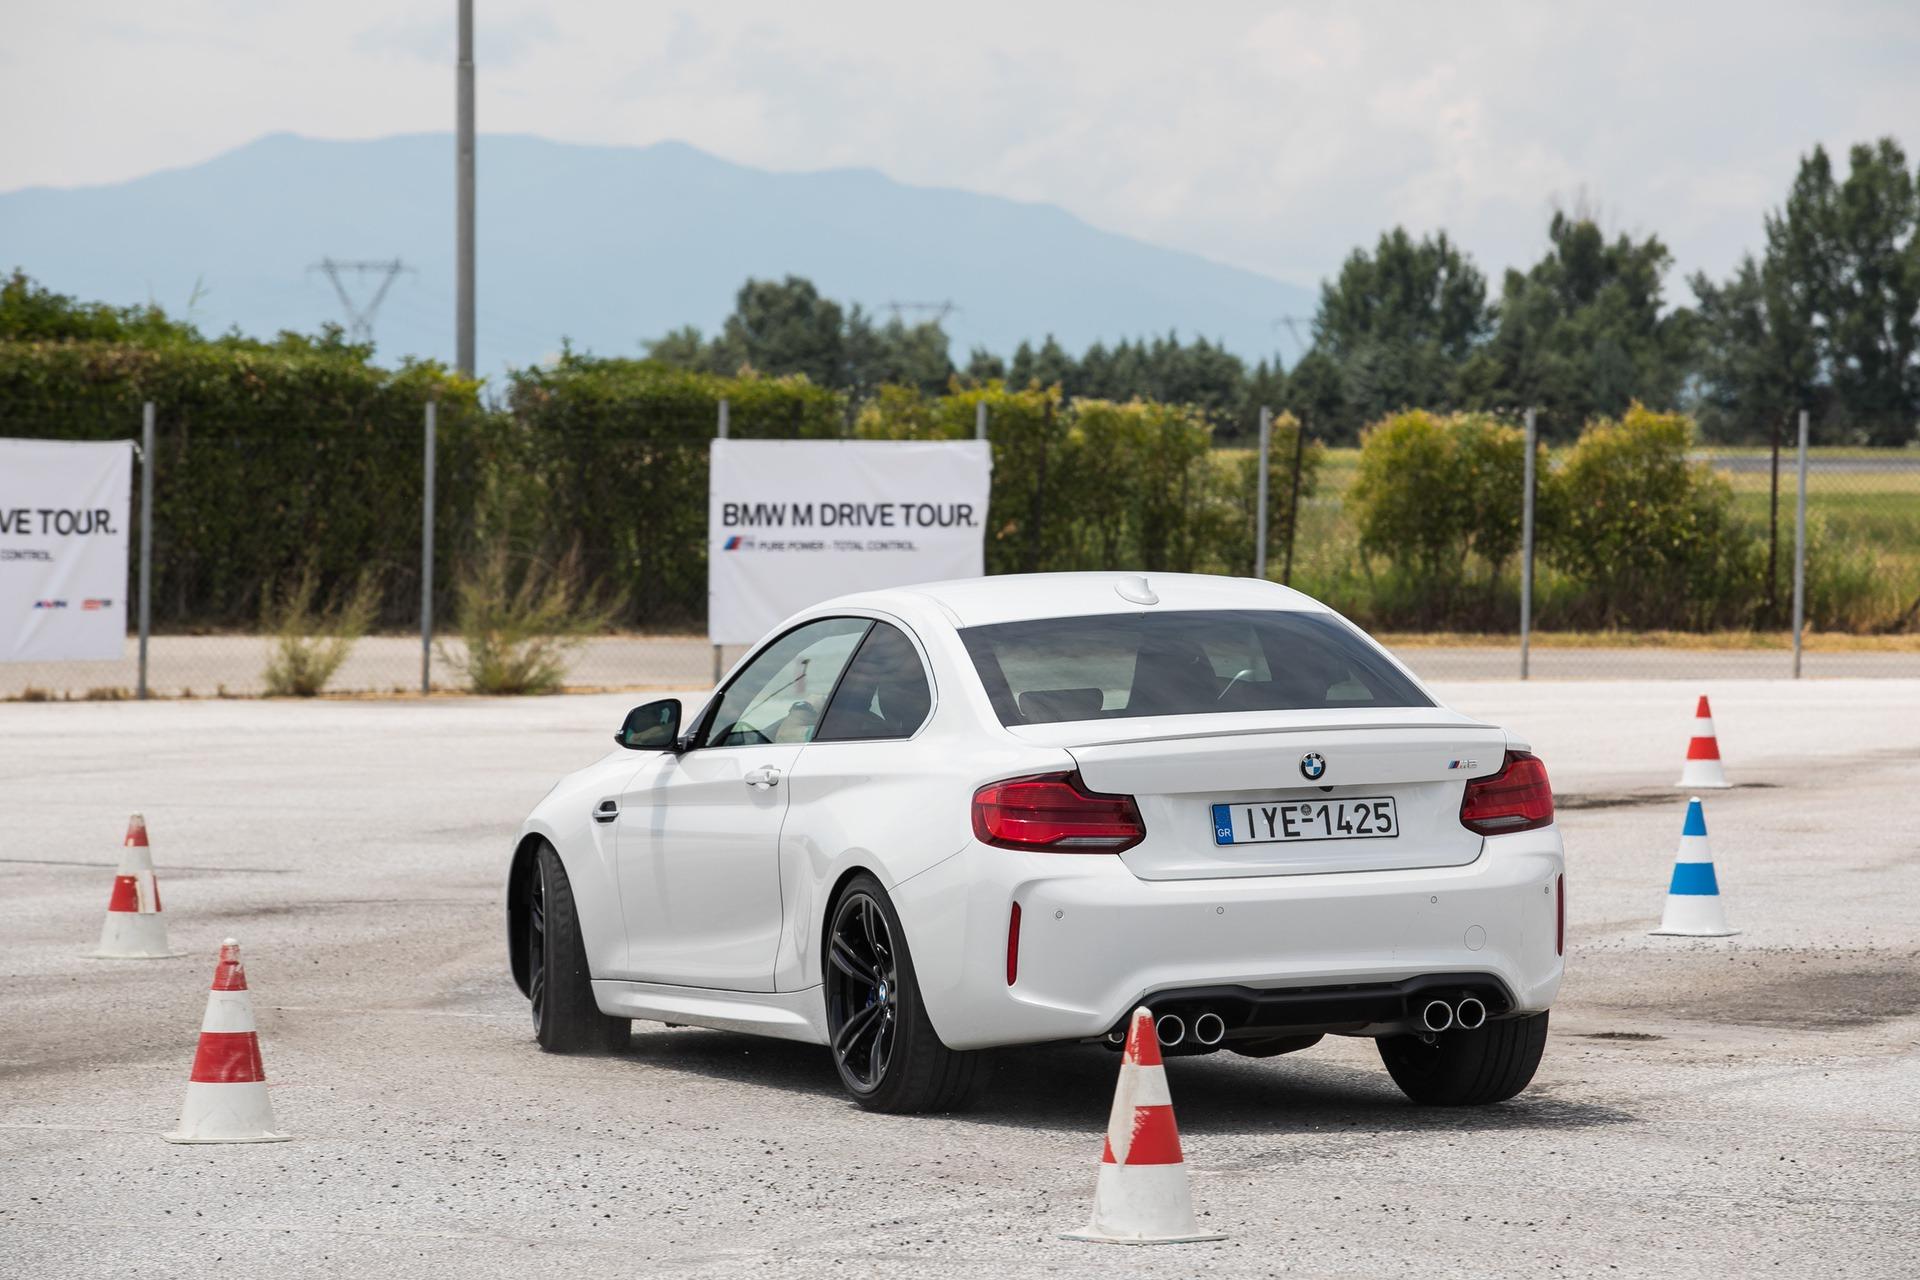 BMW_M_Drive_Tour_0186